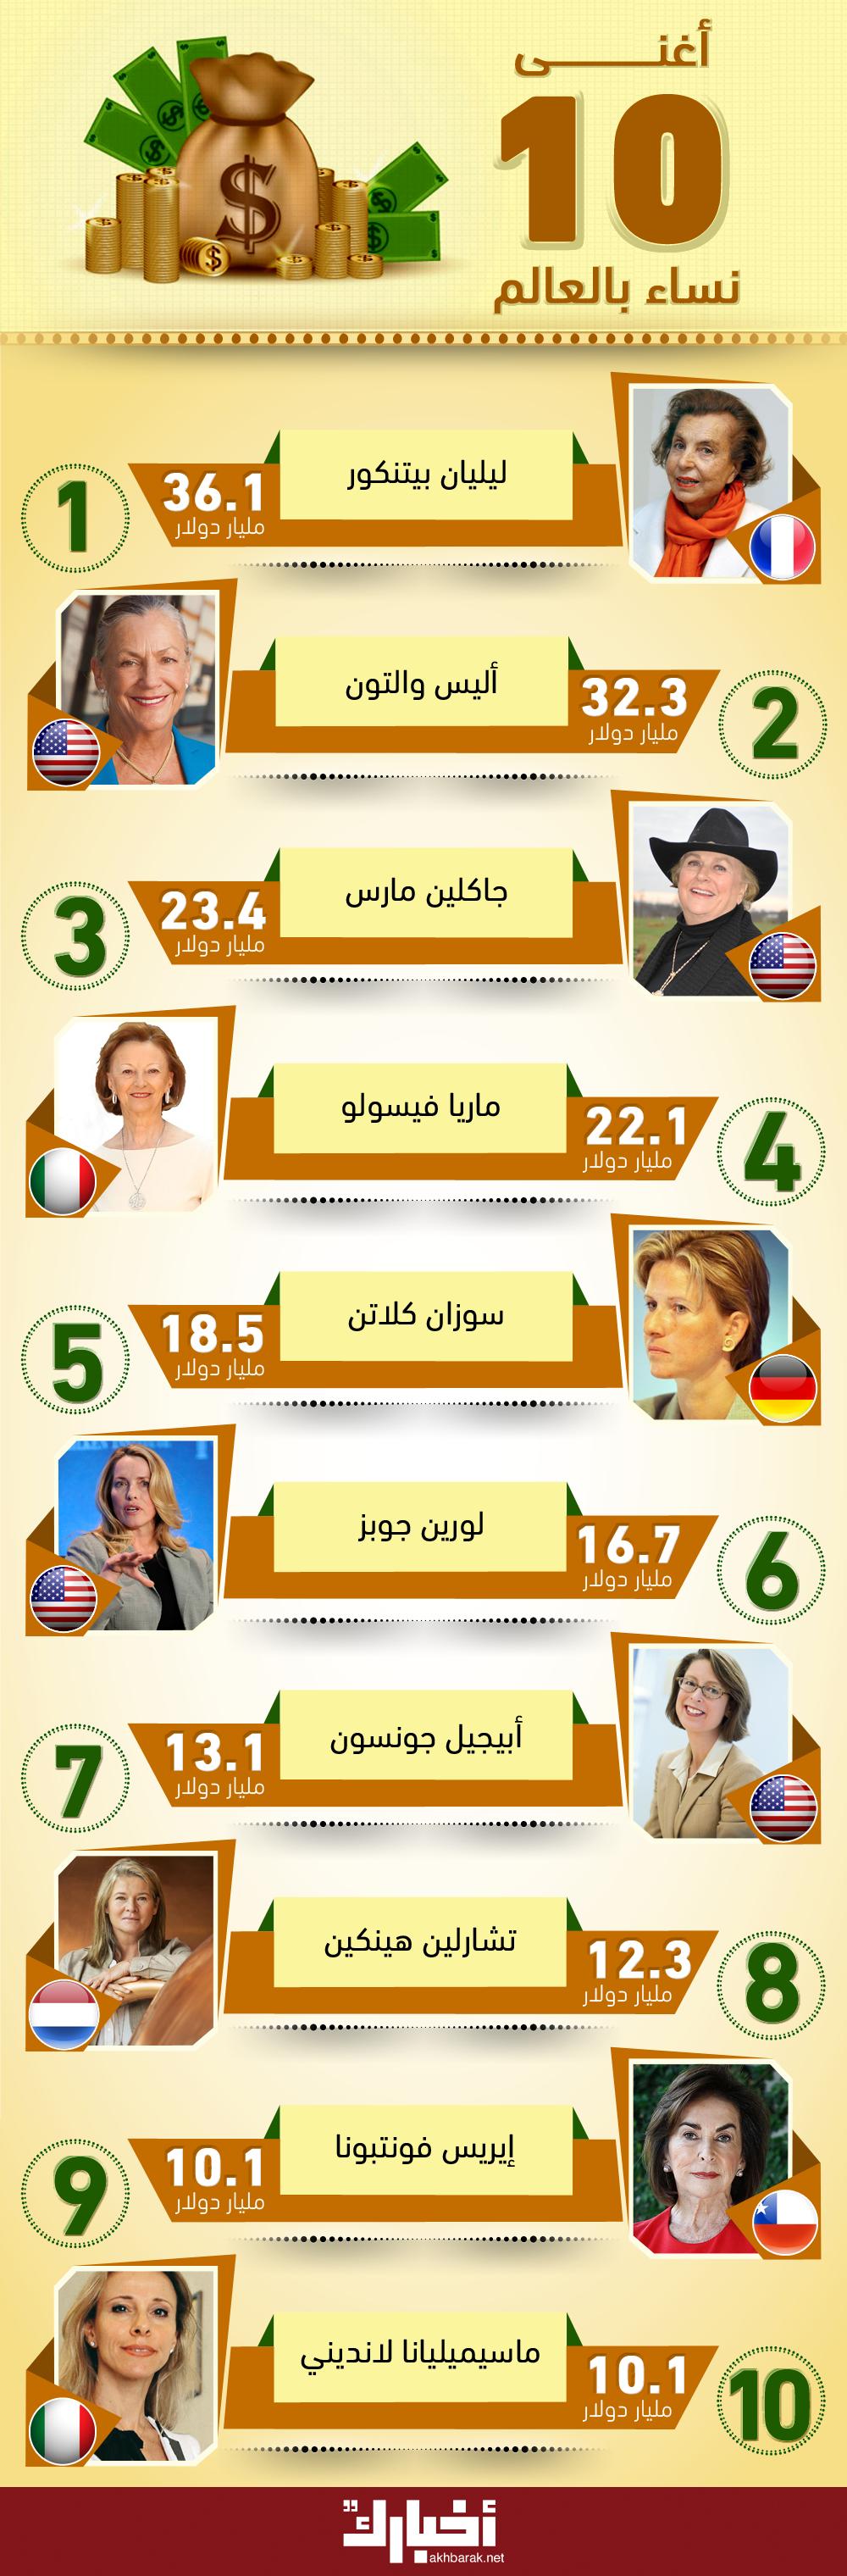 أغنى 10 نساء بالعالم